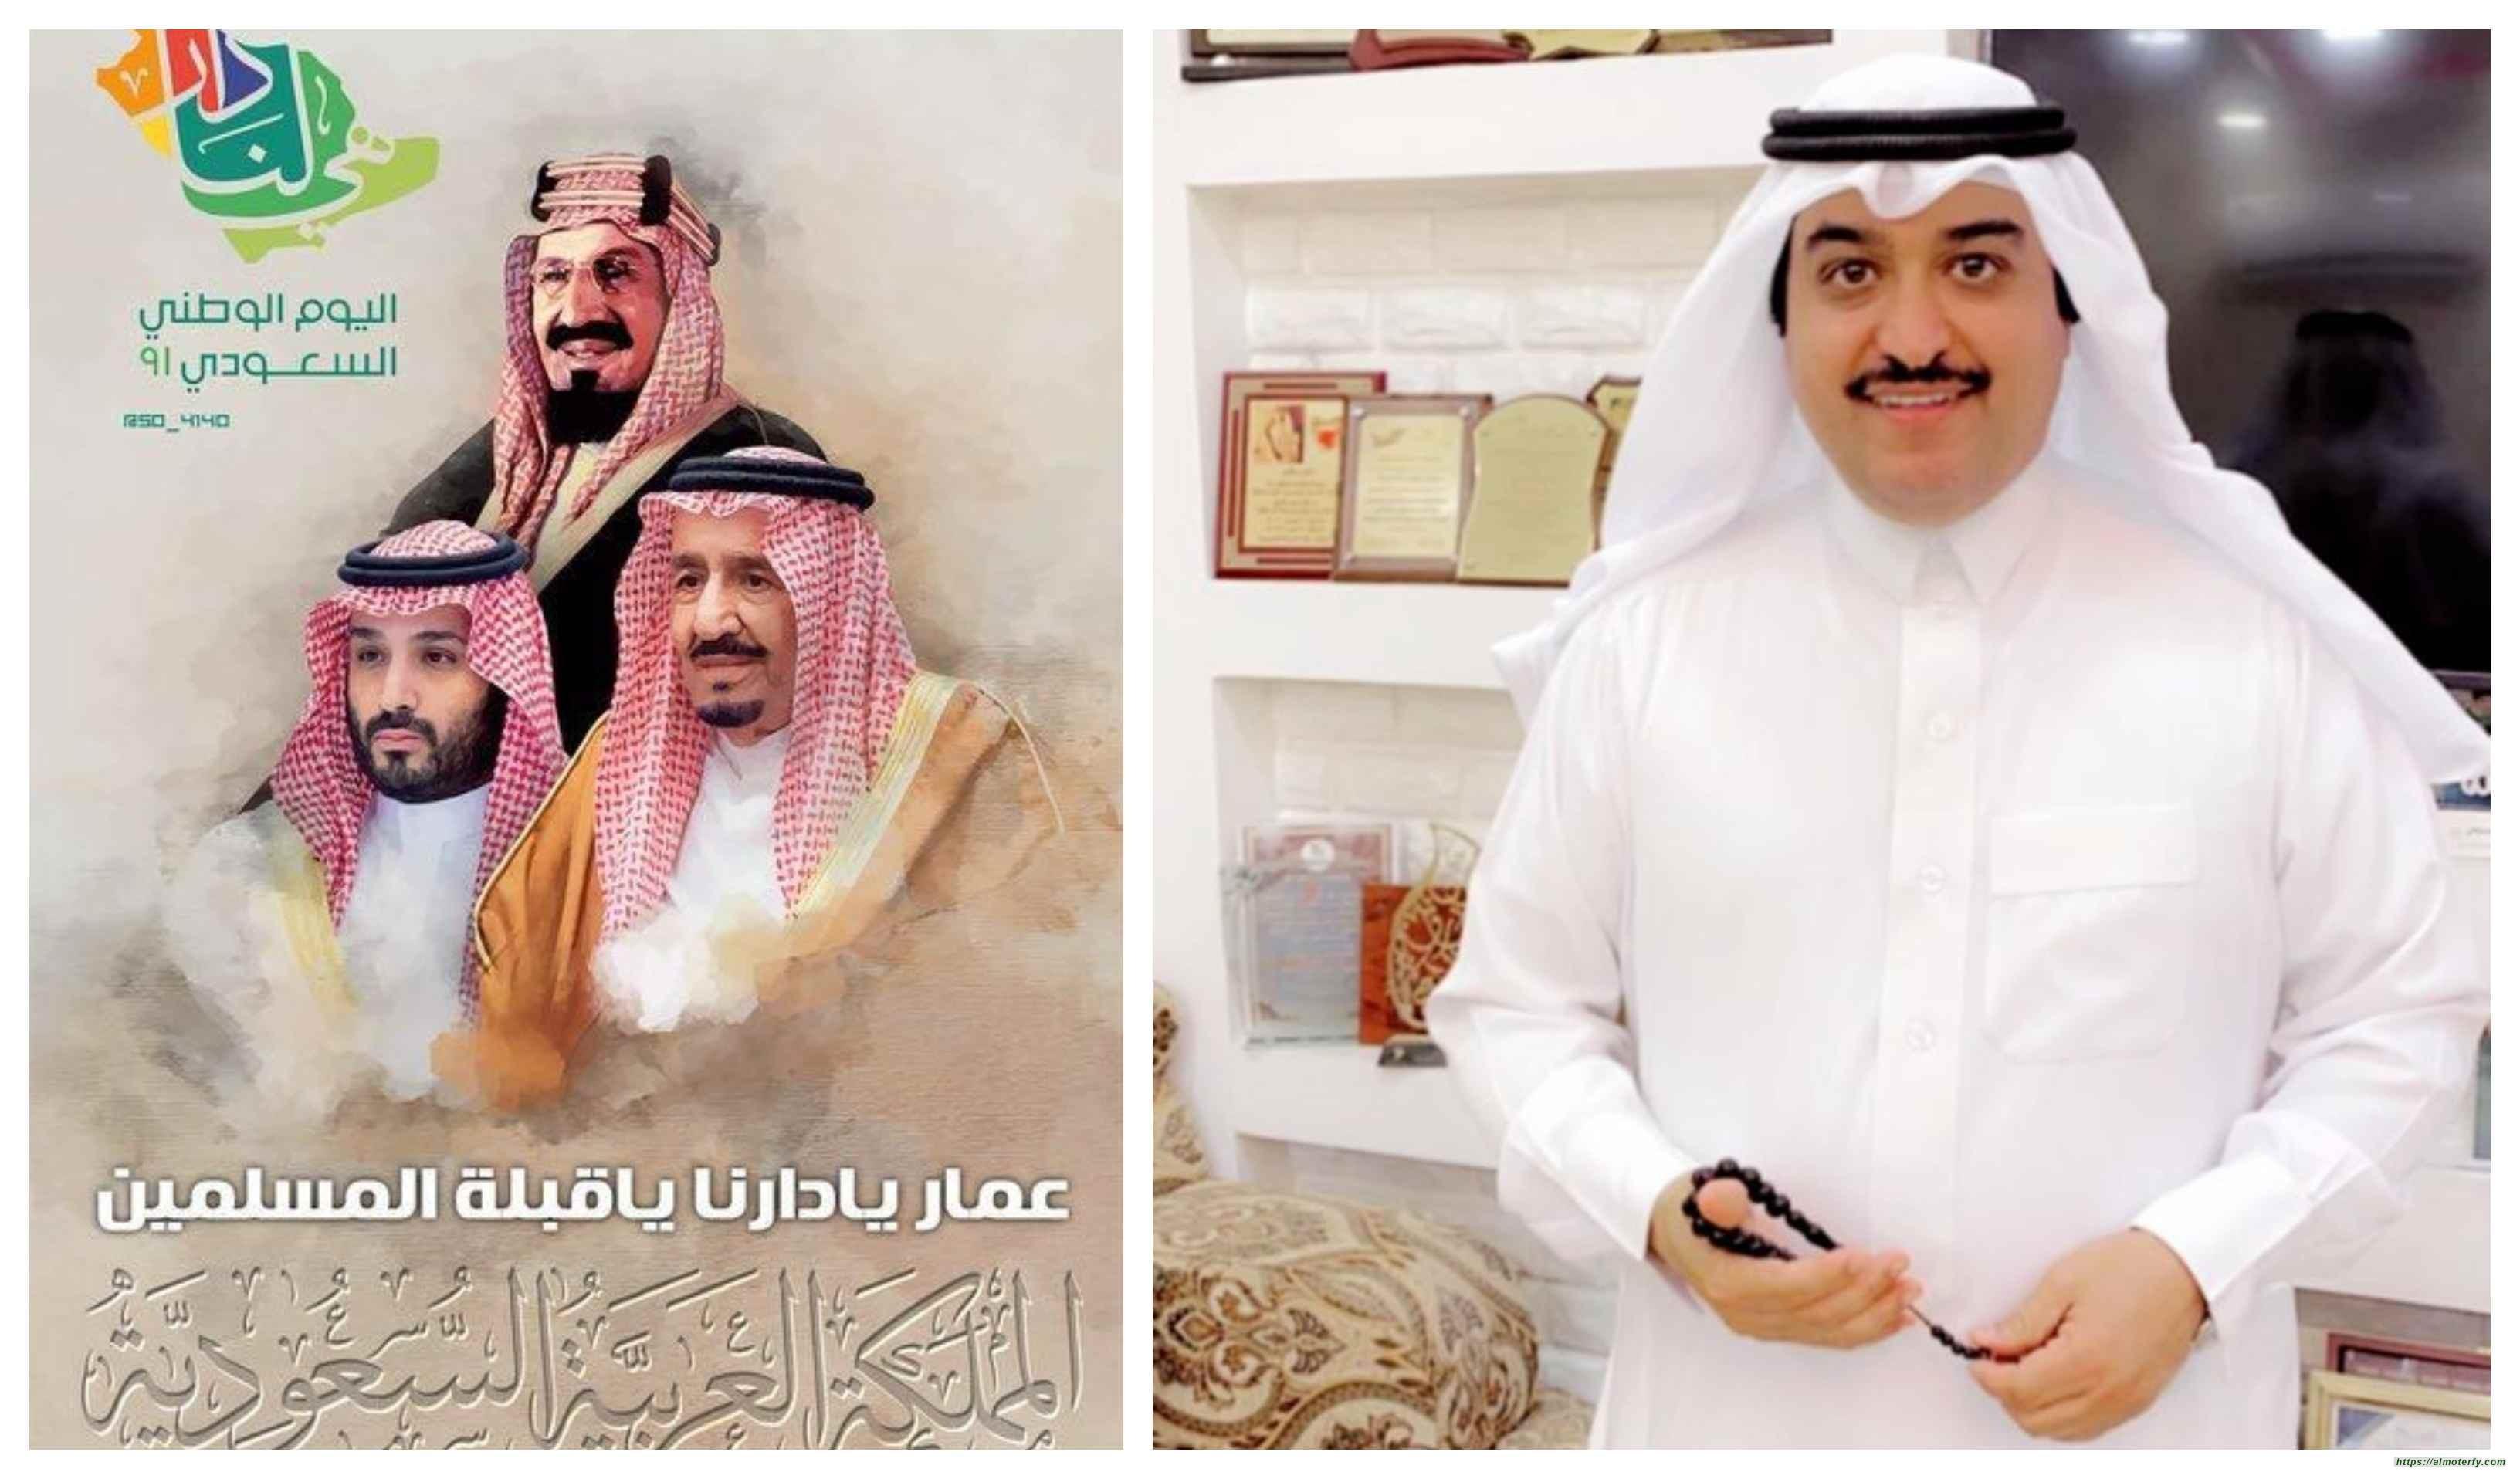 القناص يطلق مجموعته الوطنية الجديدة ...